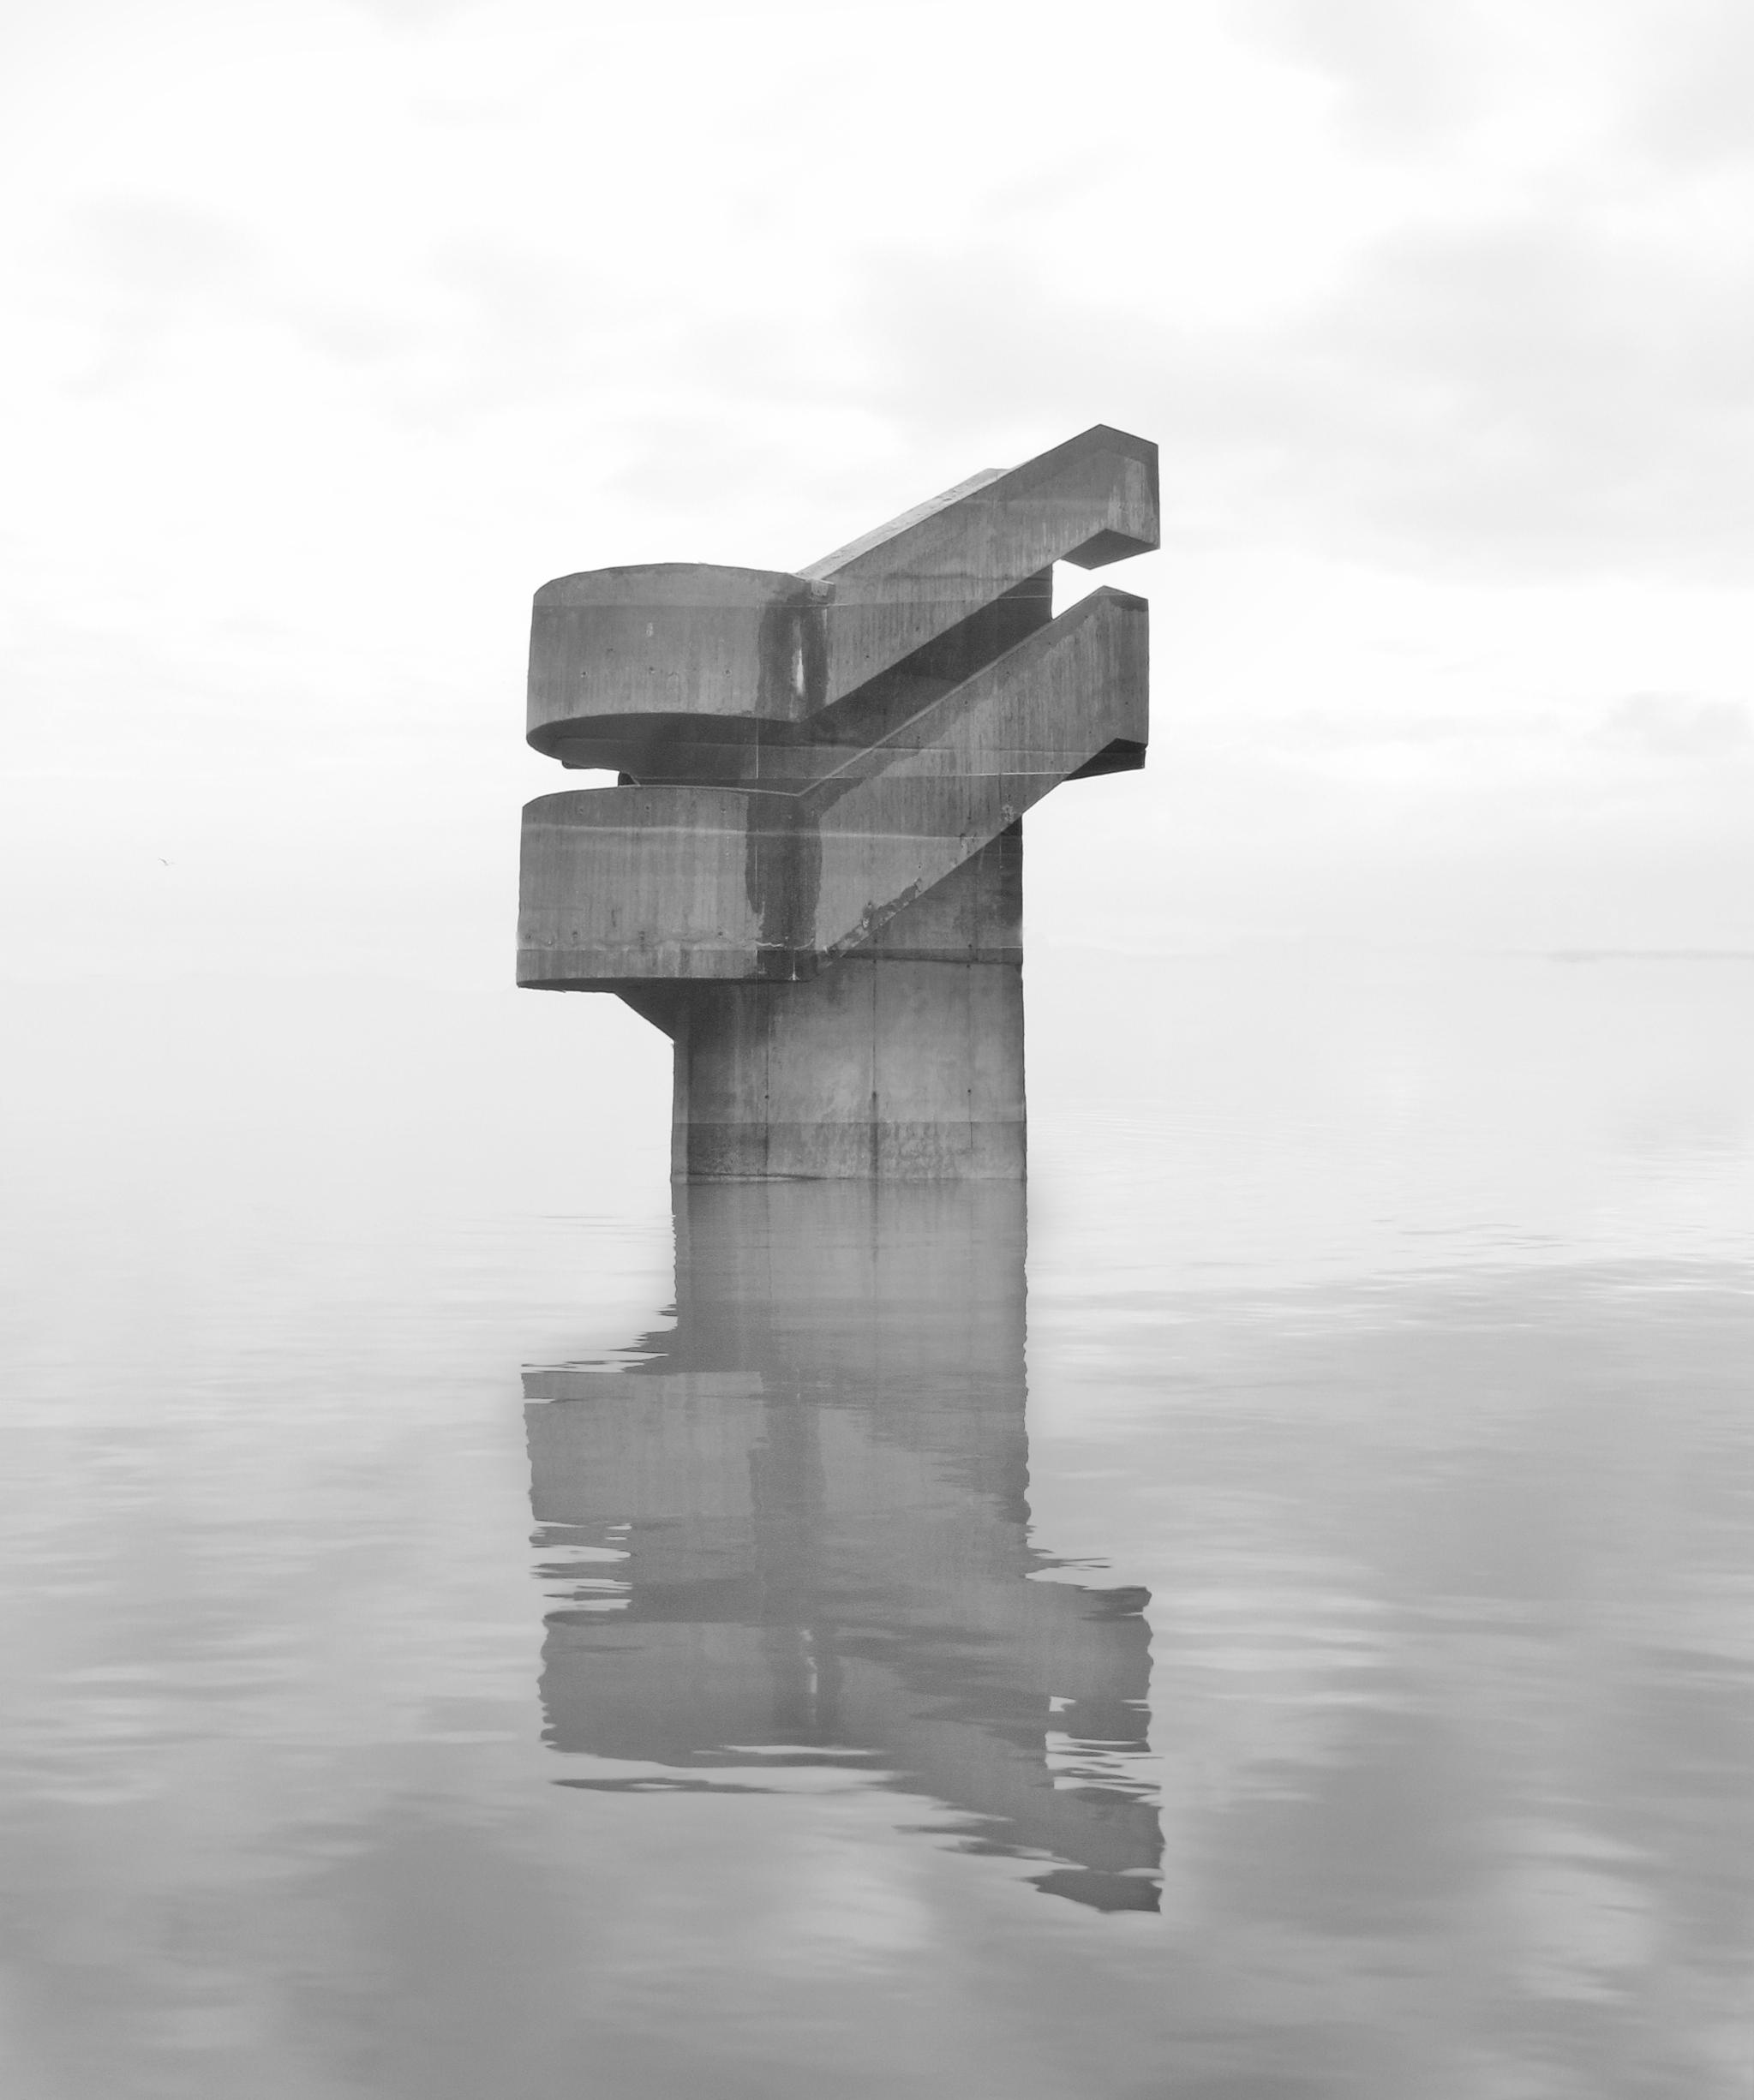 Untitled, 2013 © Noemie Goudal - Edel Assanti